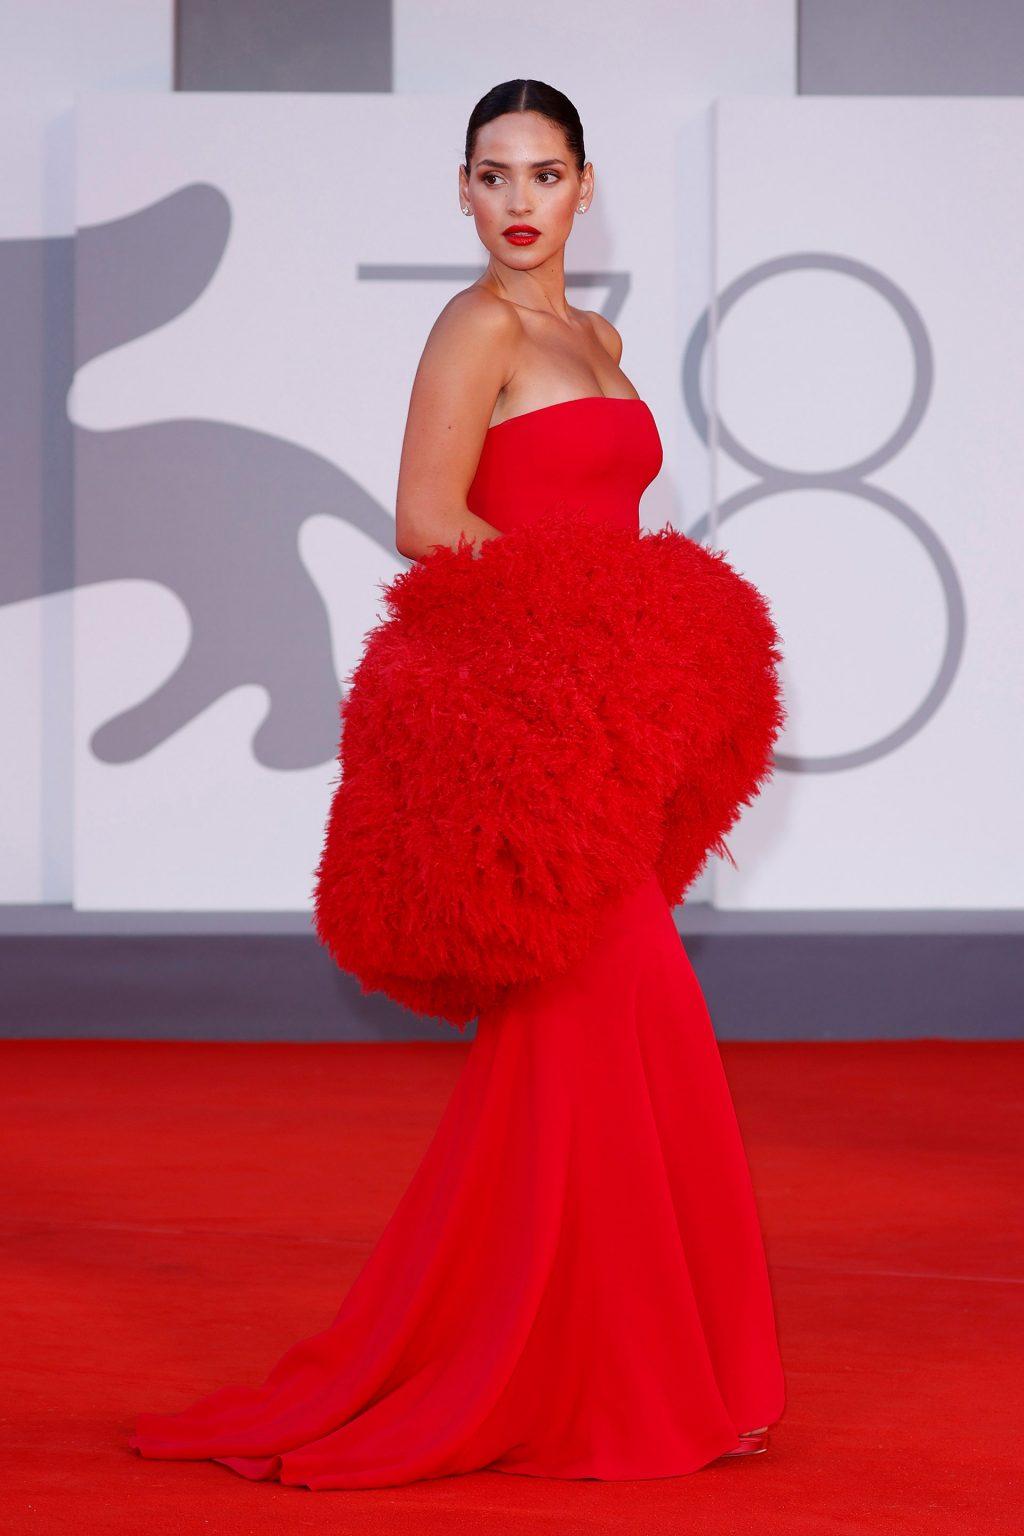 Phong cách trang điểm Adria Arjona .